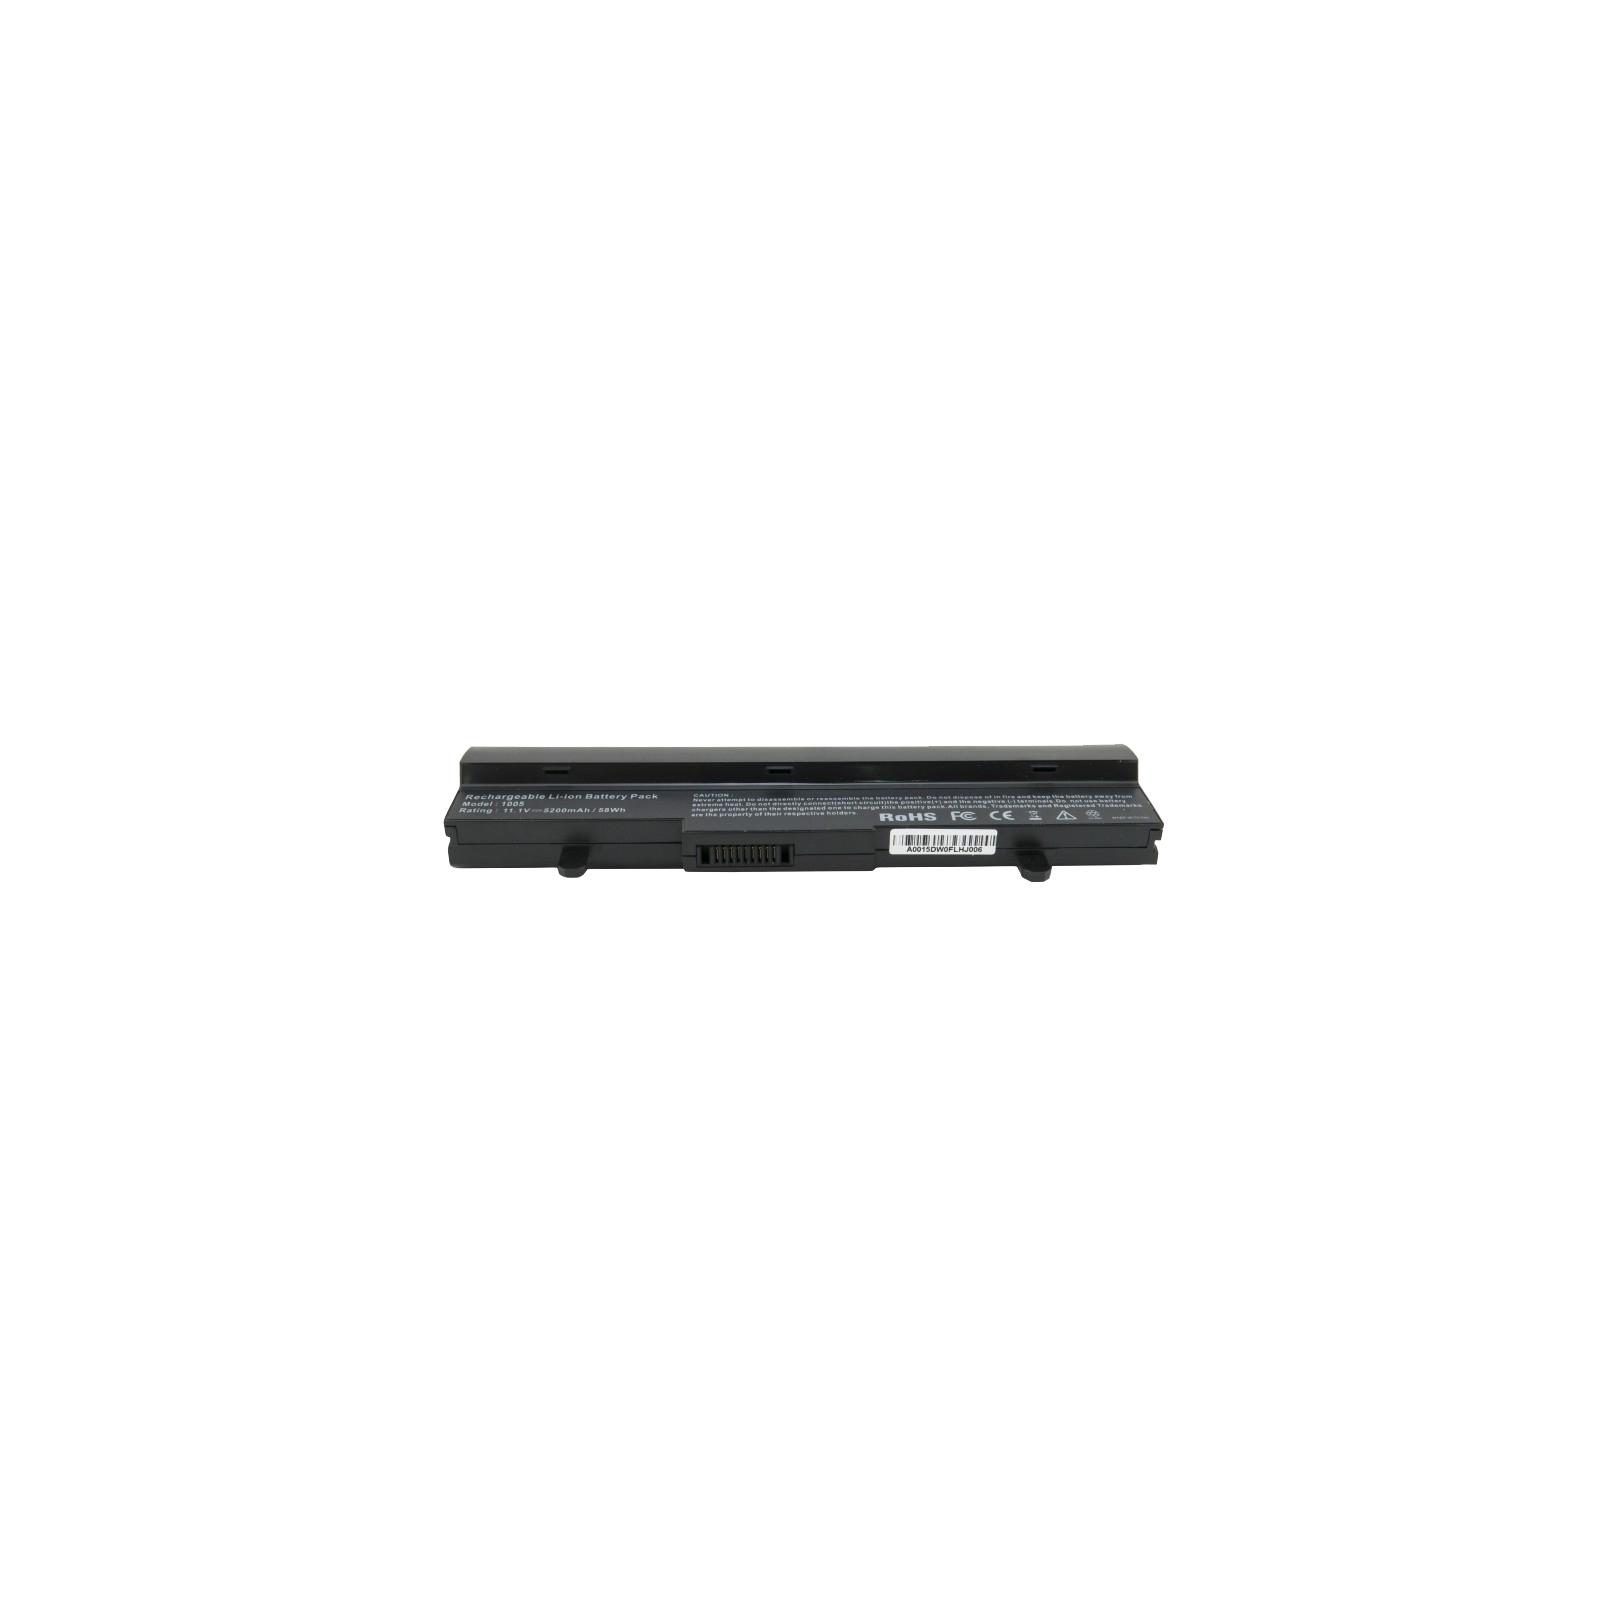 Аккумулятор для ноутбука Asus Eee PC 1005 (AL31-1005) 5200 mAh EXTRADIGITAL (BNA3920) изображение 4